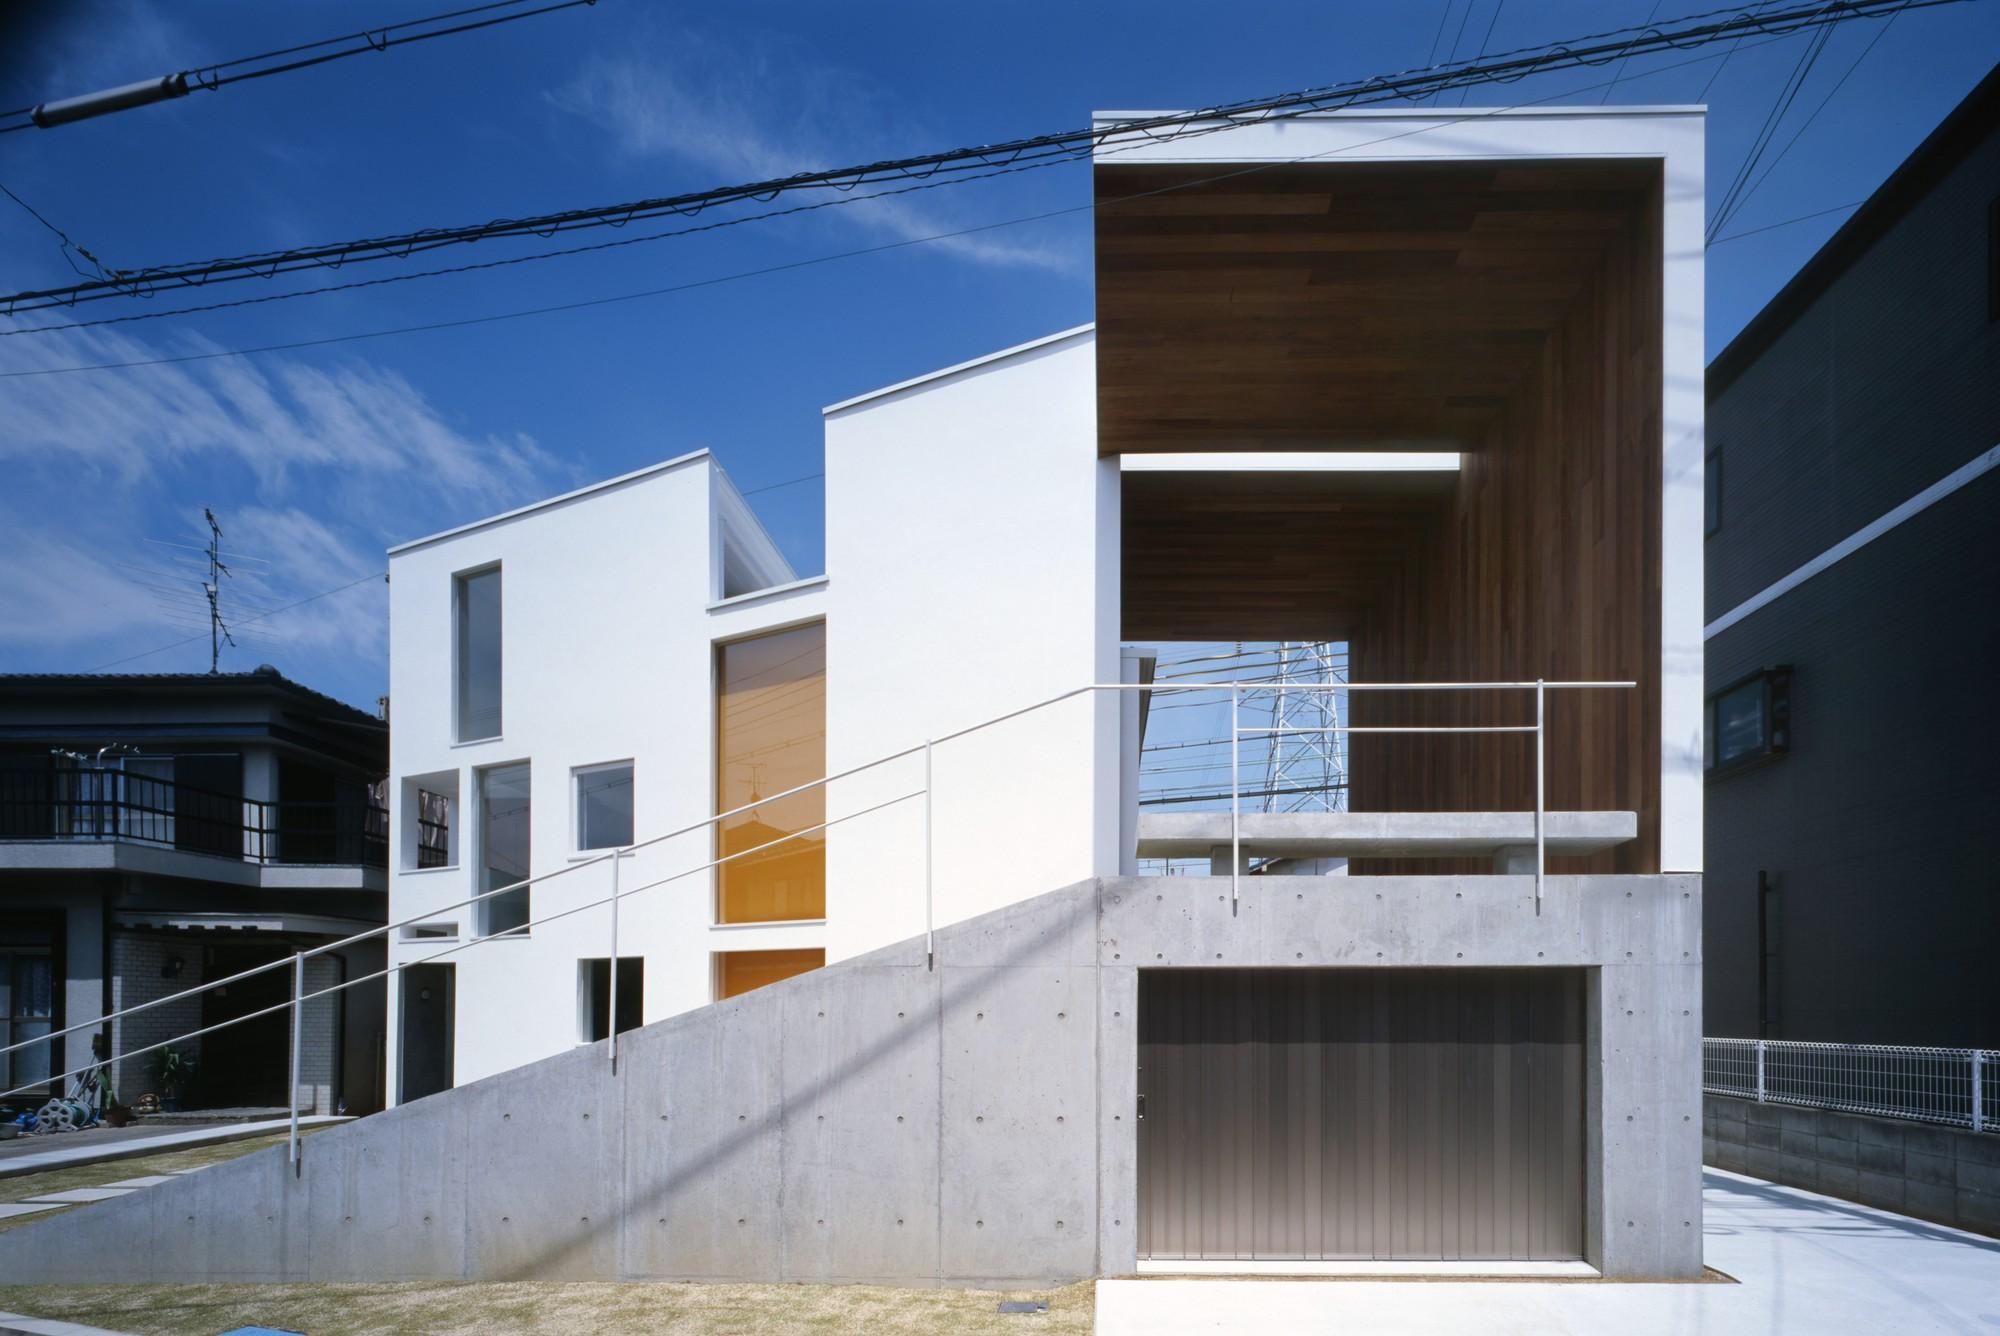 I-Mango / Takuro Yamamoto Architects, Courtesy of Takuro Yamamoto Architects